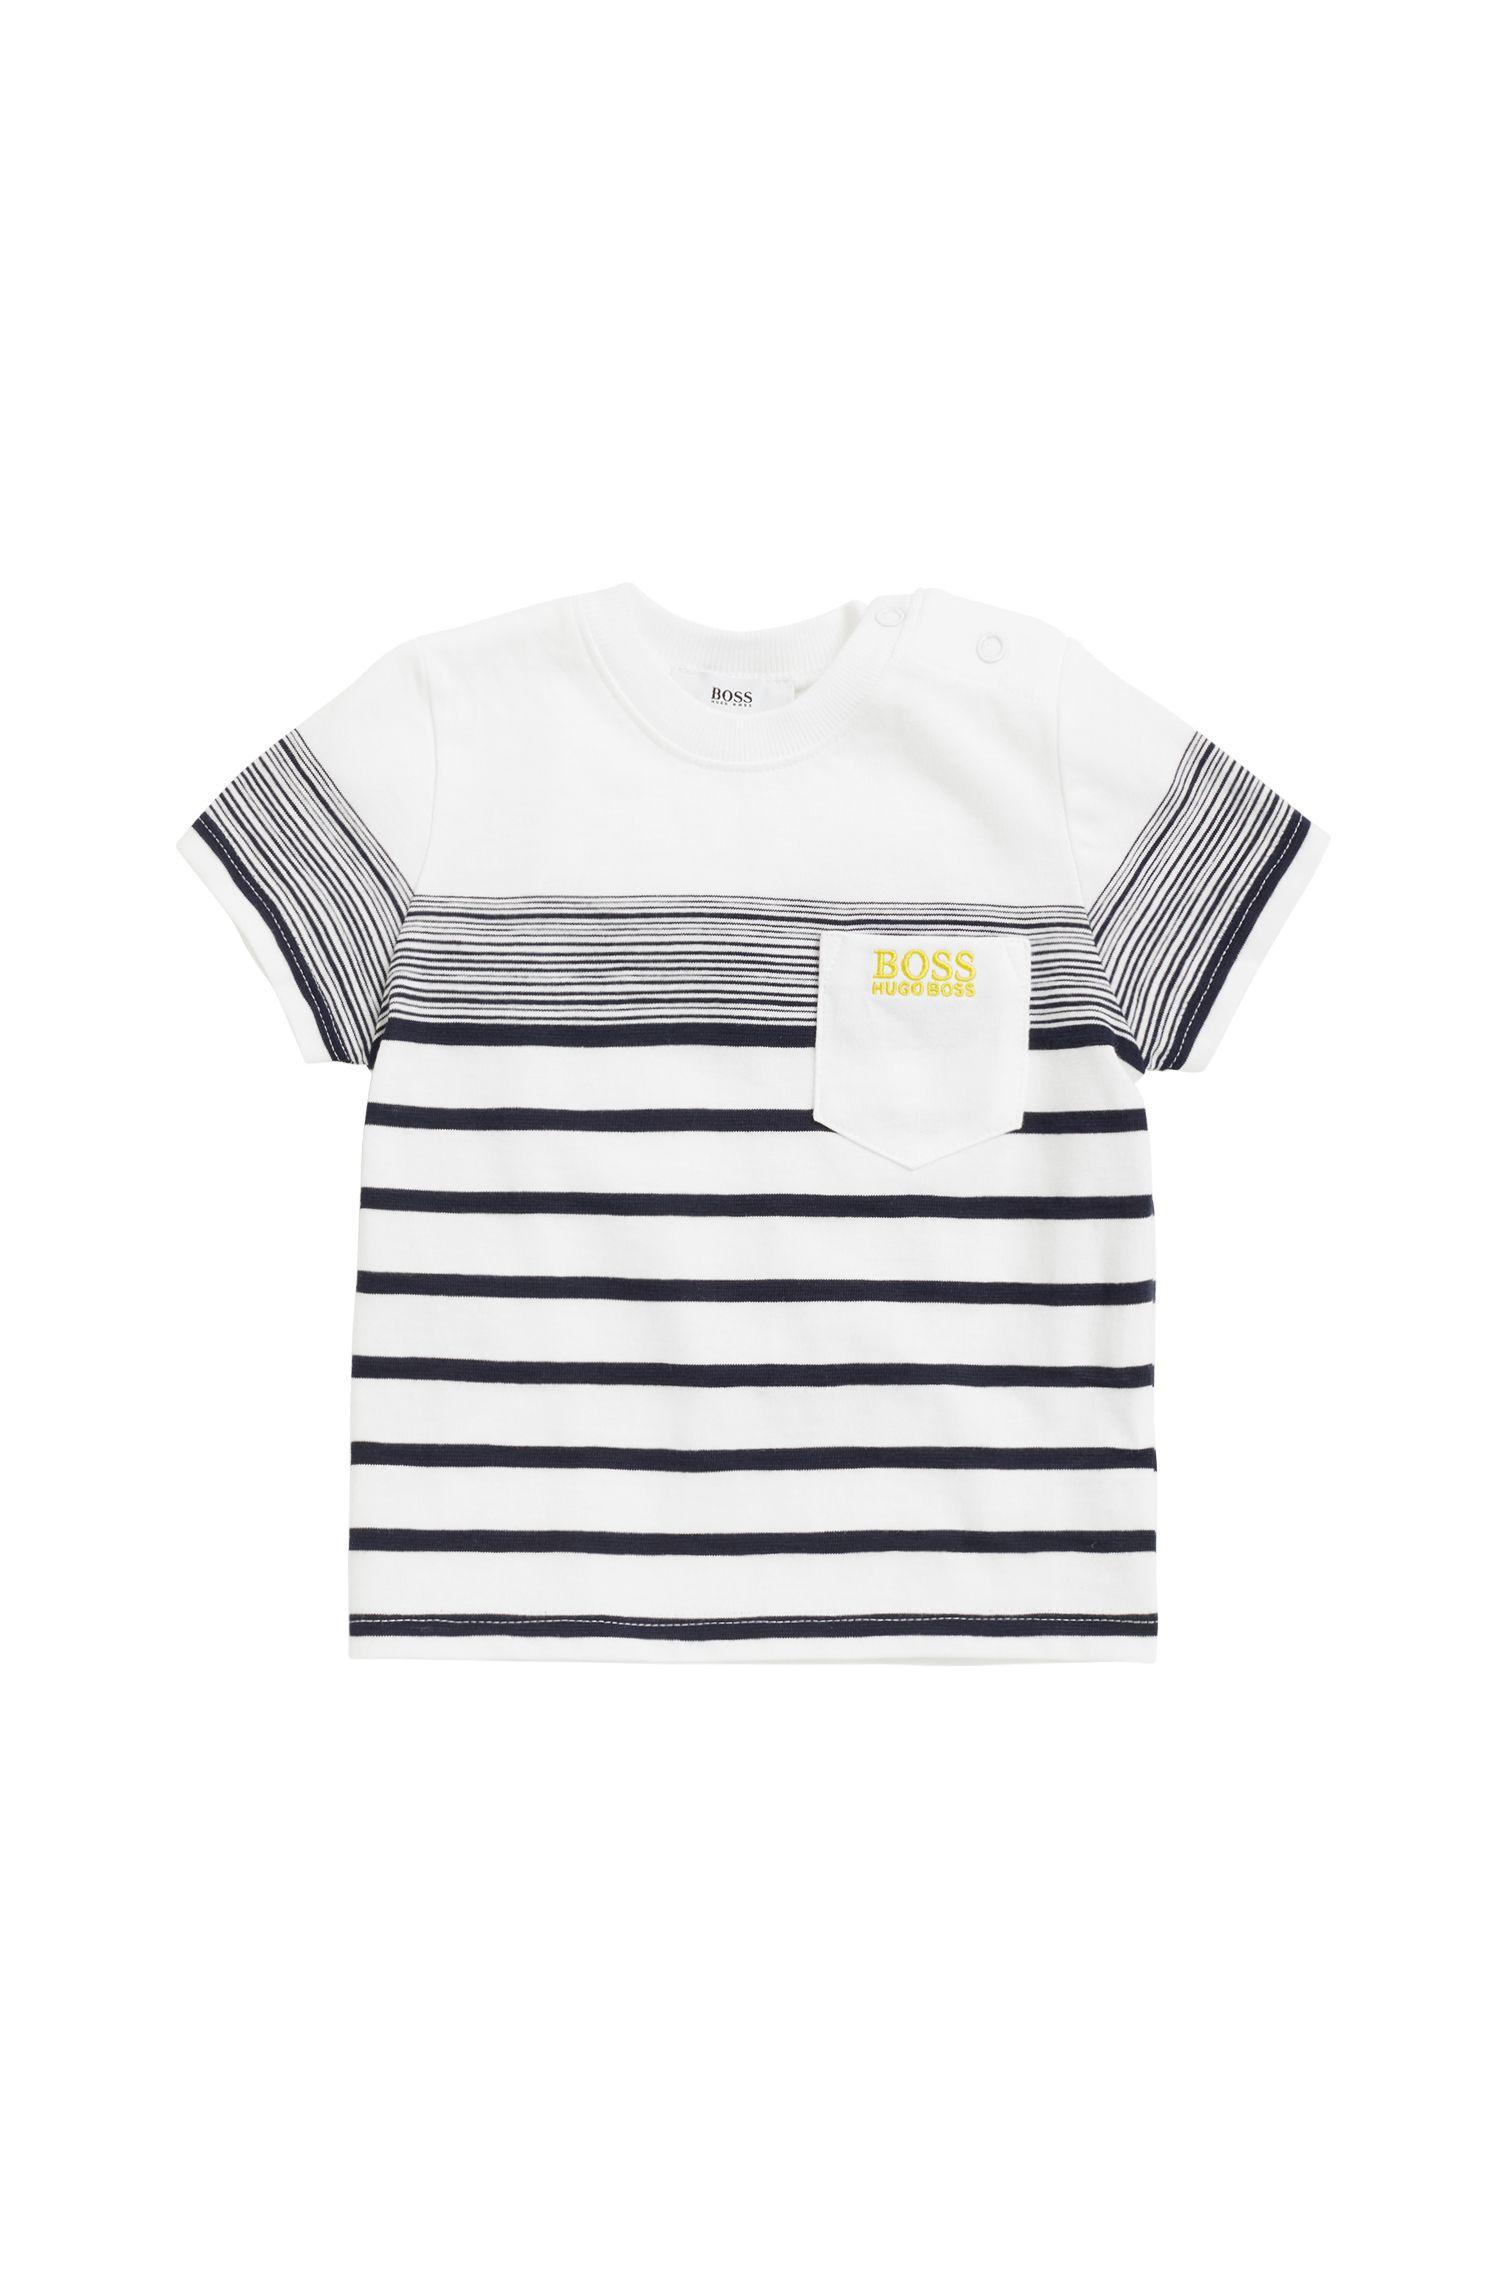 Kinder-T-shirt van onregelmatige katoenen jersey